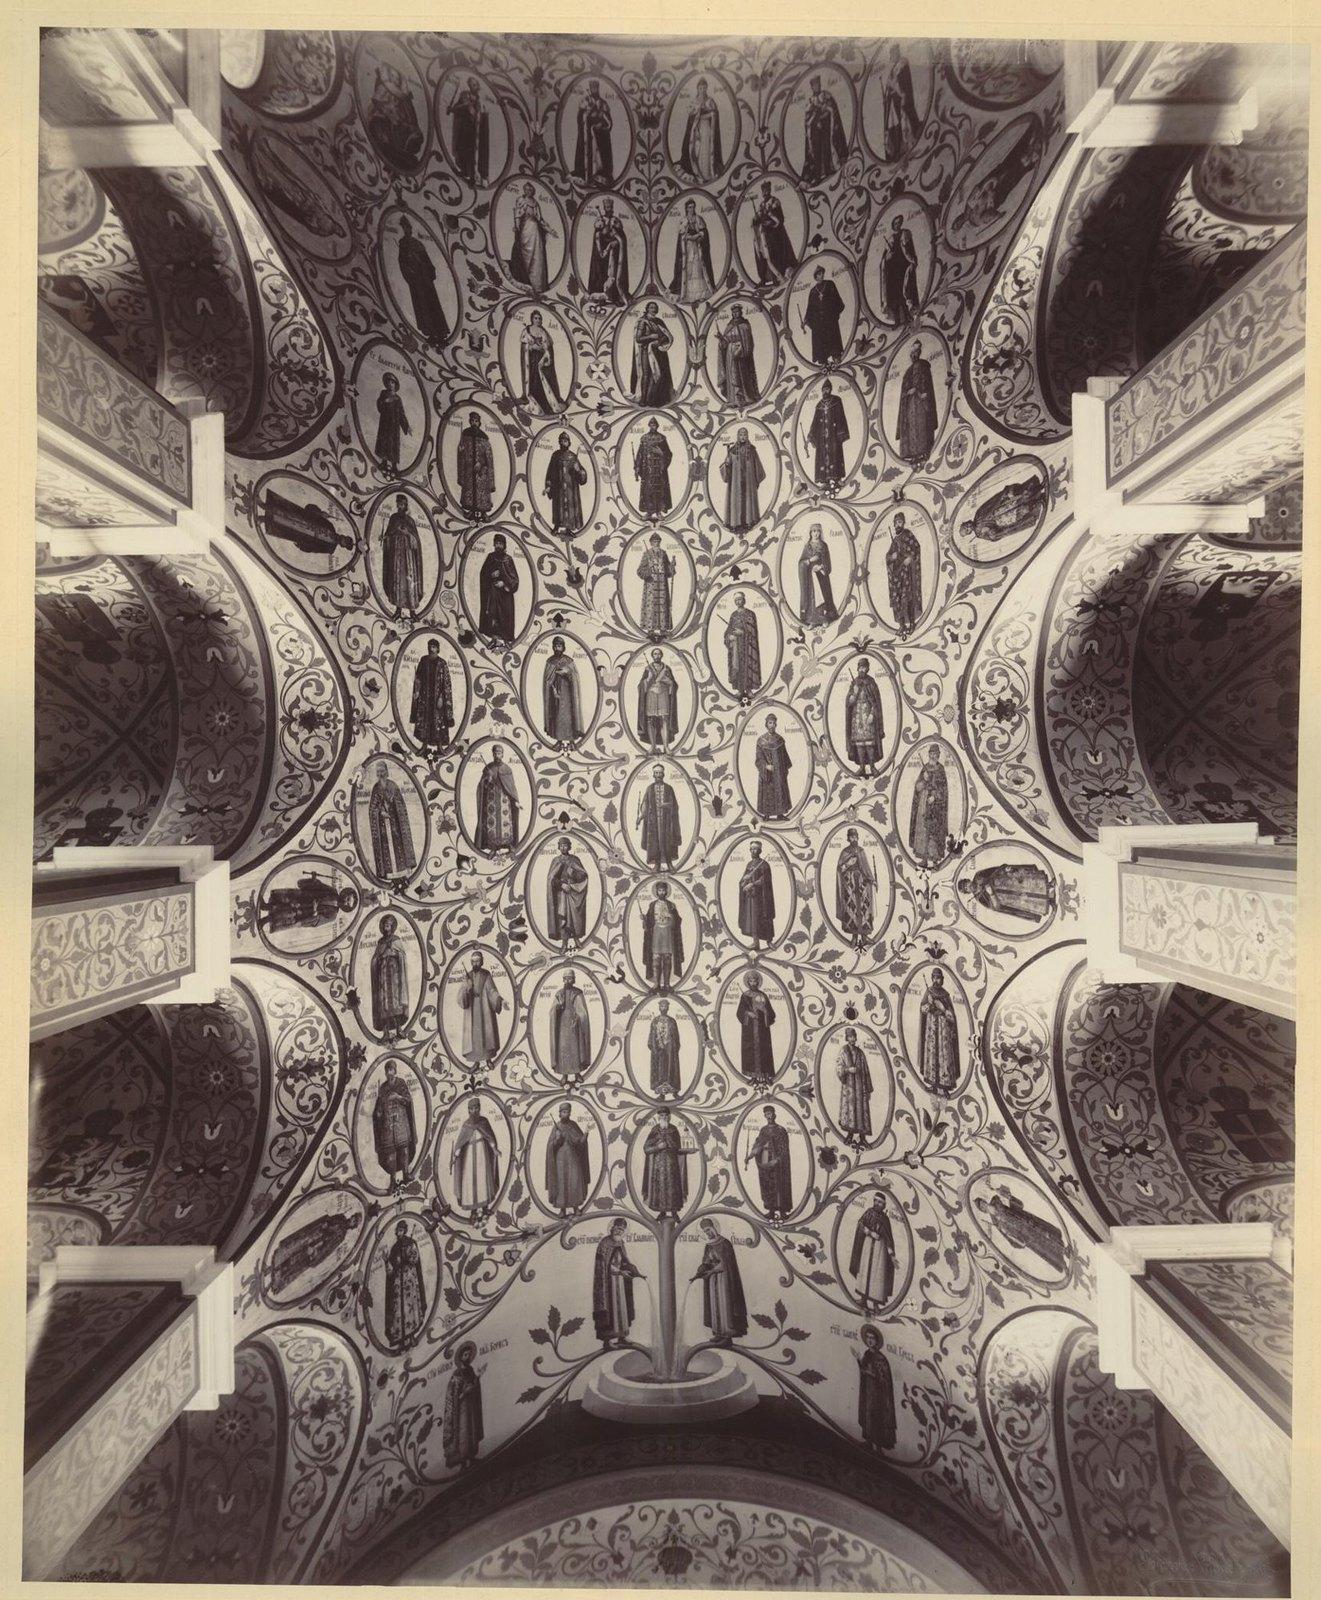 Здание Исторического музея. Главные Сени. Вид на потолок с древом великих князей и царей. 1880-е